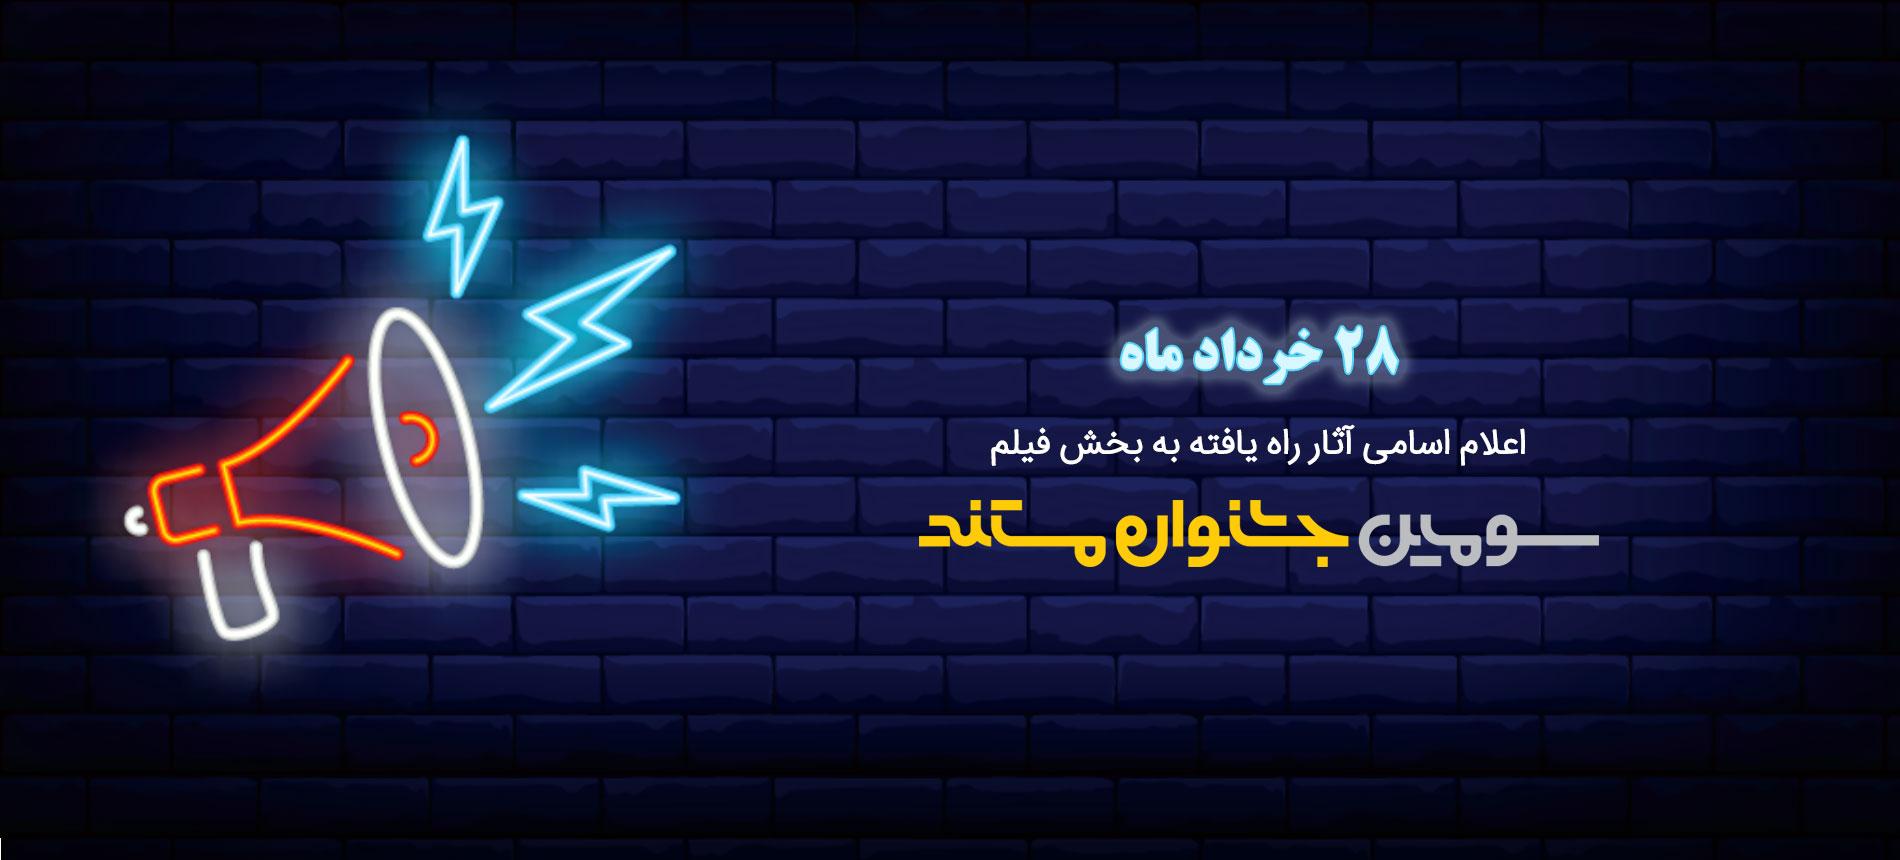 28 خرداد، زمان اعلام اسامی فیلم های راه یافته به سومین جشنواره مستند